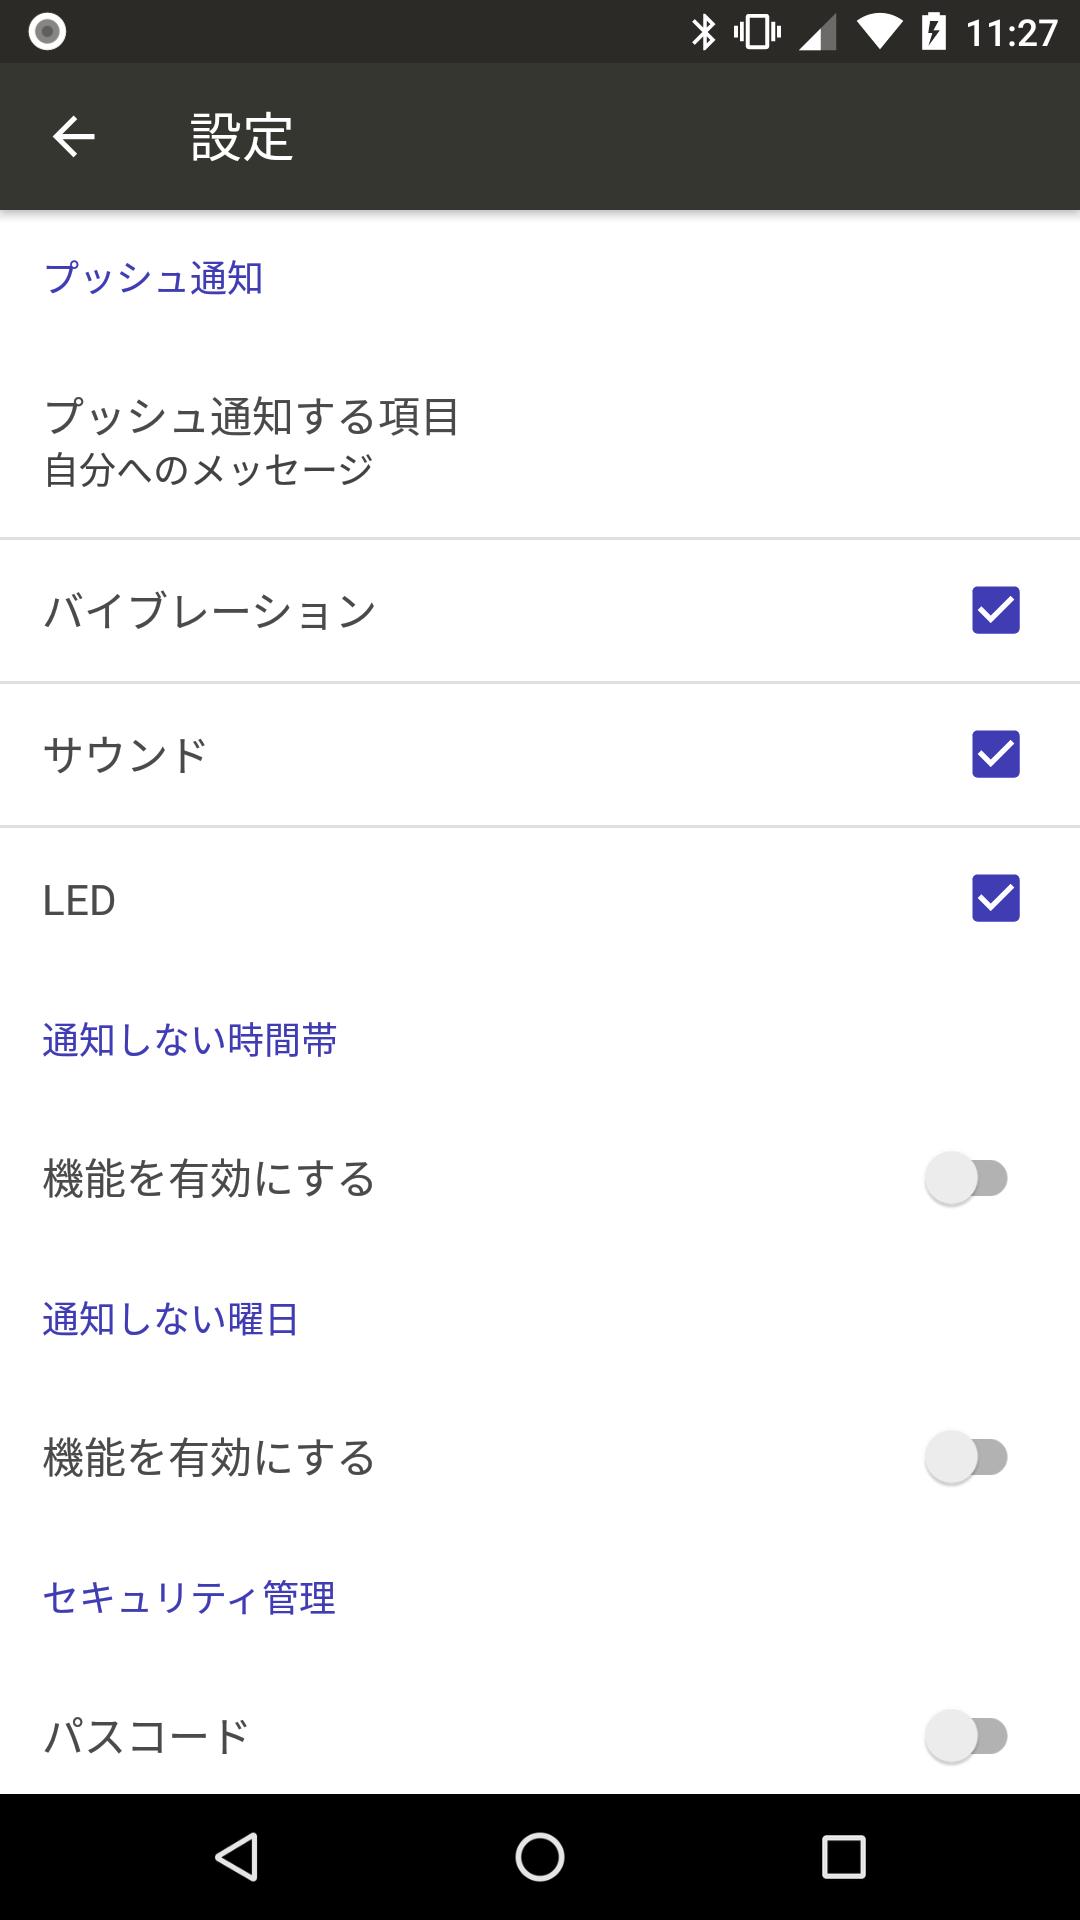 プッシュ通知を設定する(Android) – ヘルプ | Chatwork